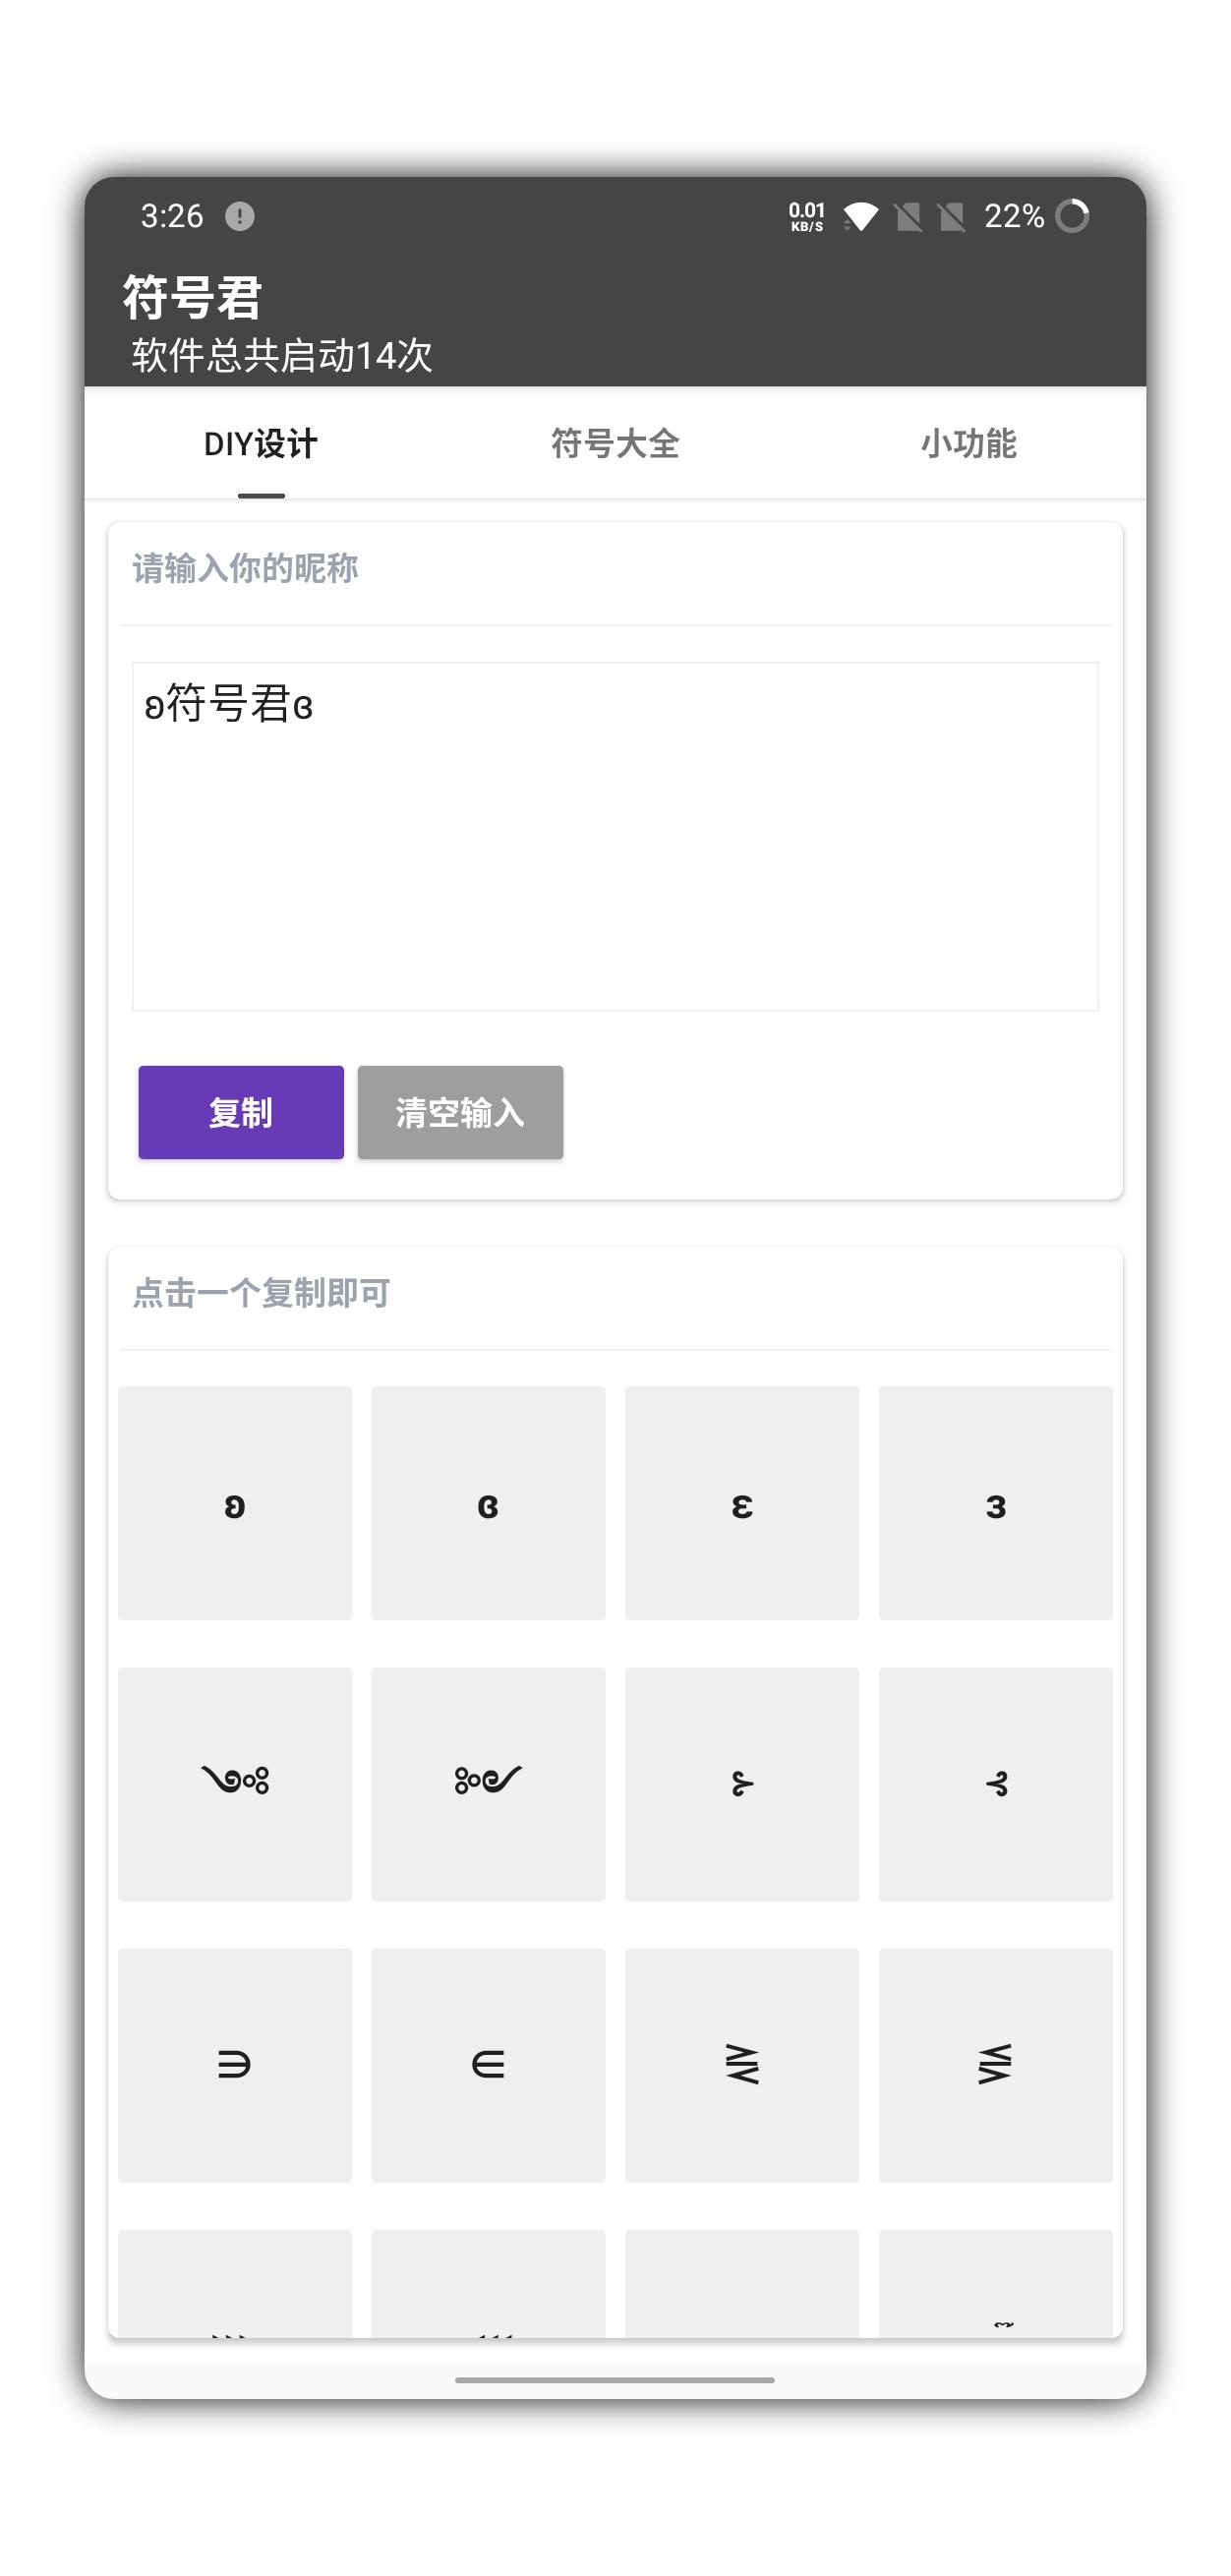 【原创工具】符号君各种特殊符号合集Android1.0